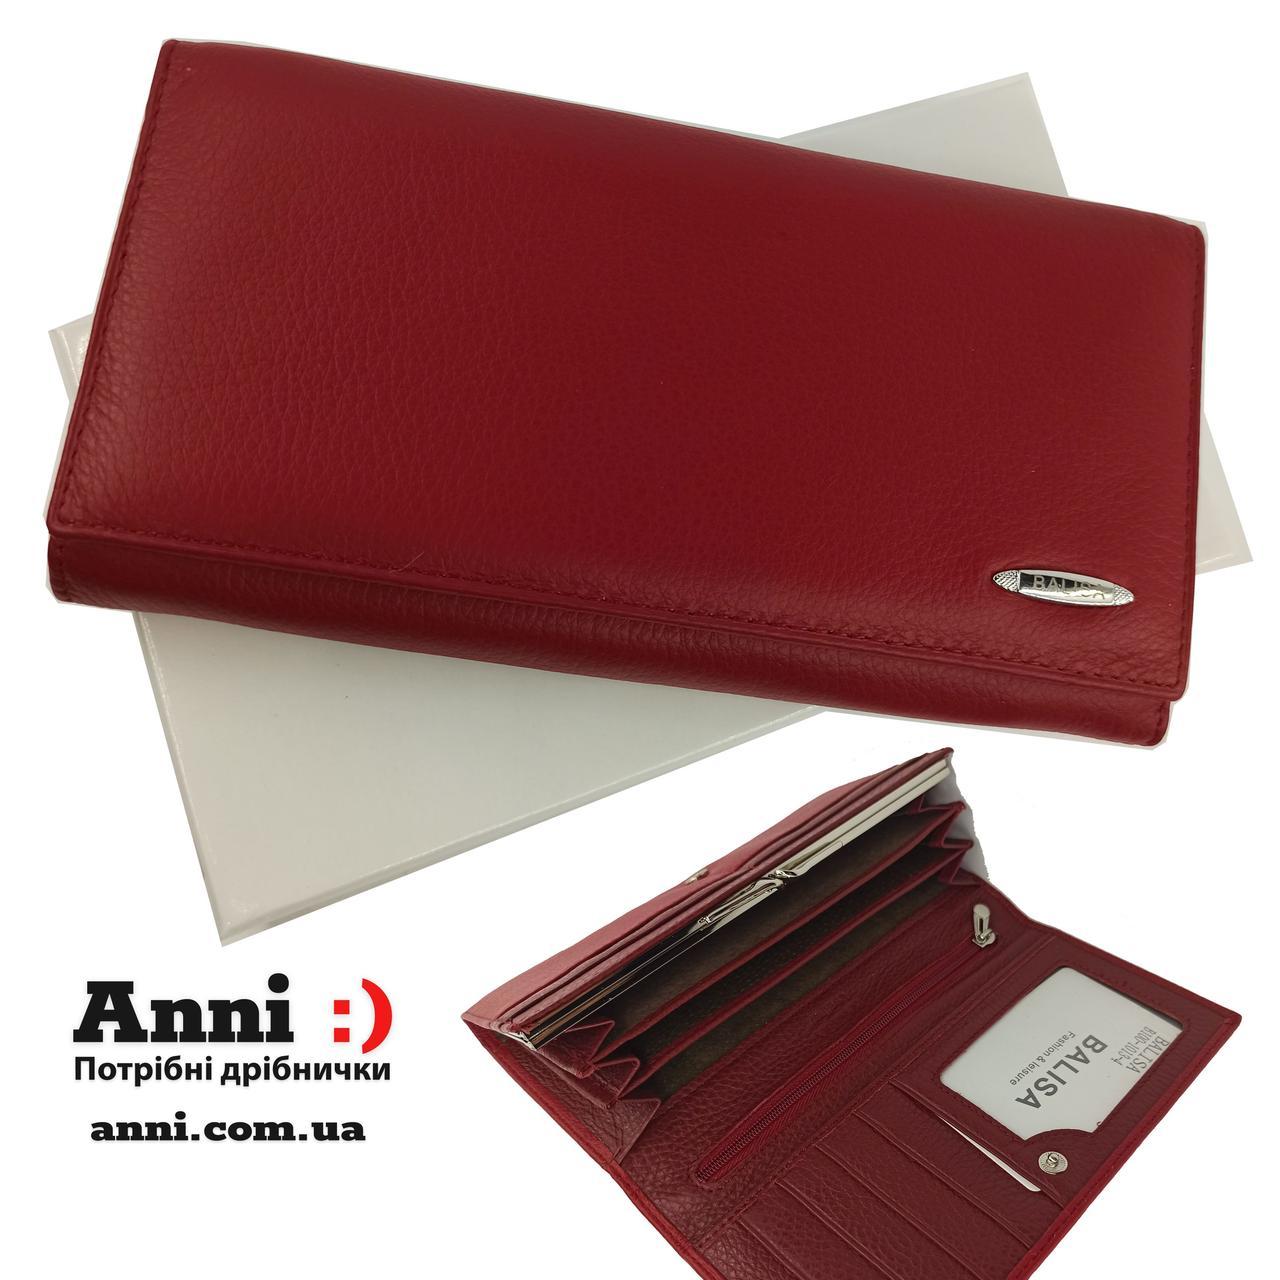 Классический кожаный женский кошелек Balisa 19 см * 9,5 см